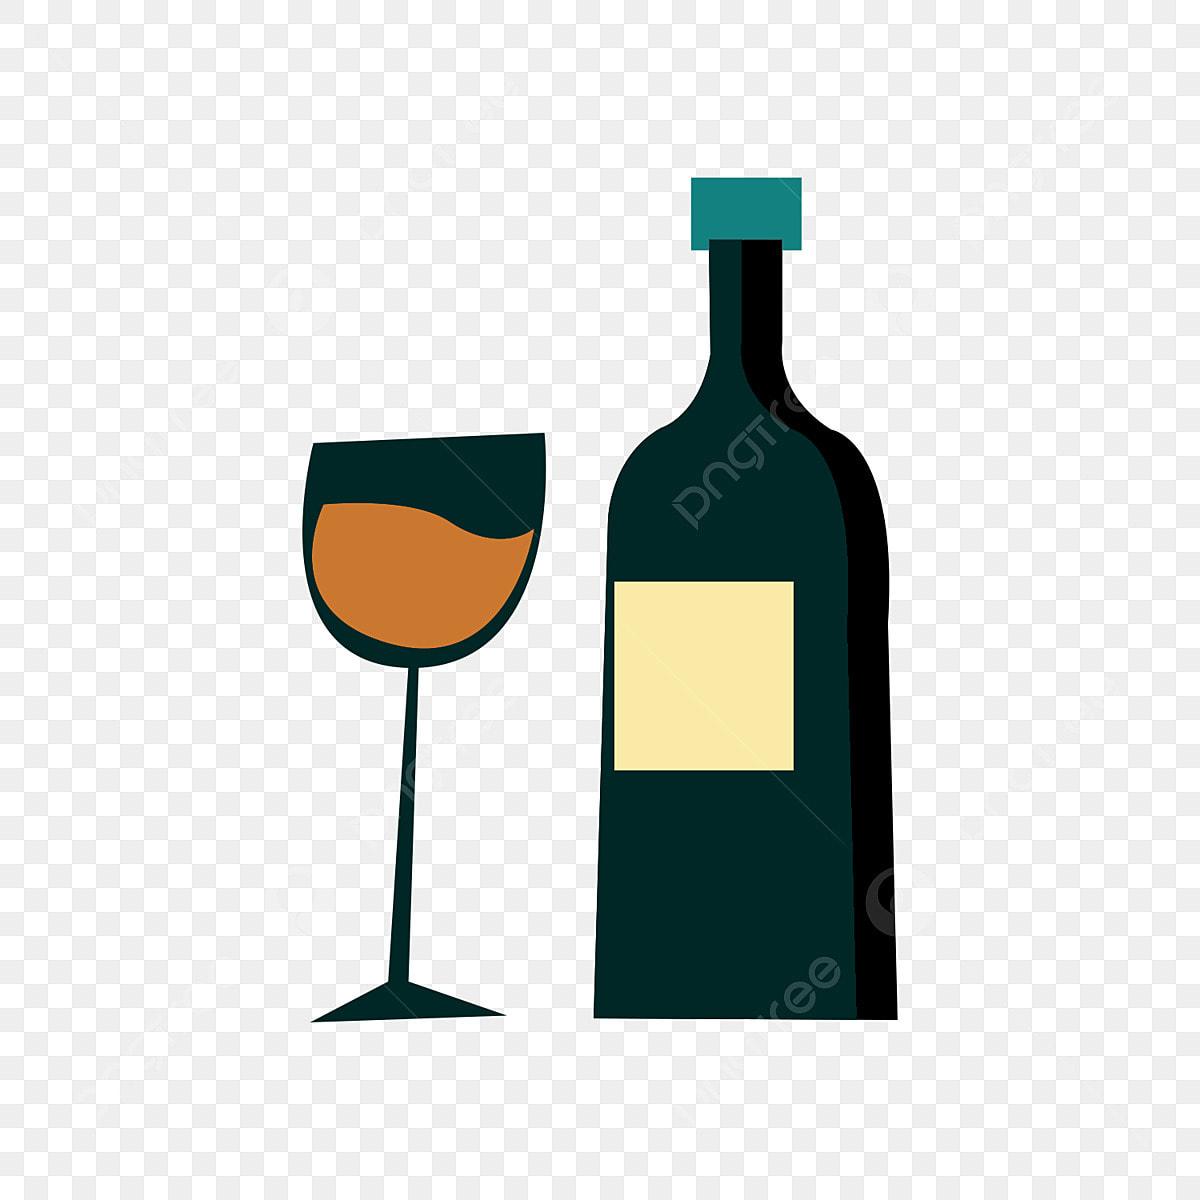 無料ダウンロードのための飛び散るのワイン 乾杯 ワイン コップpng画像素材